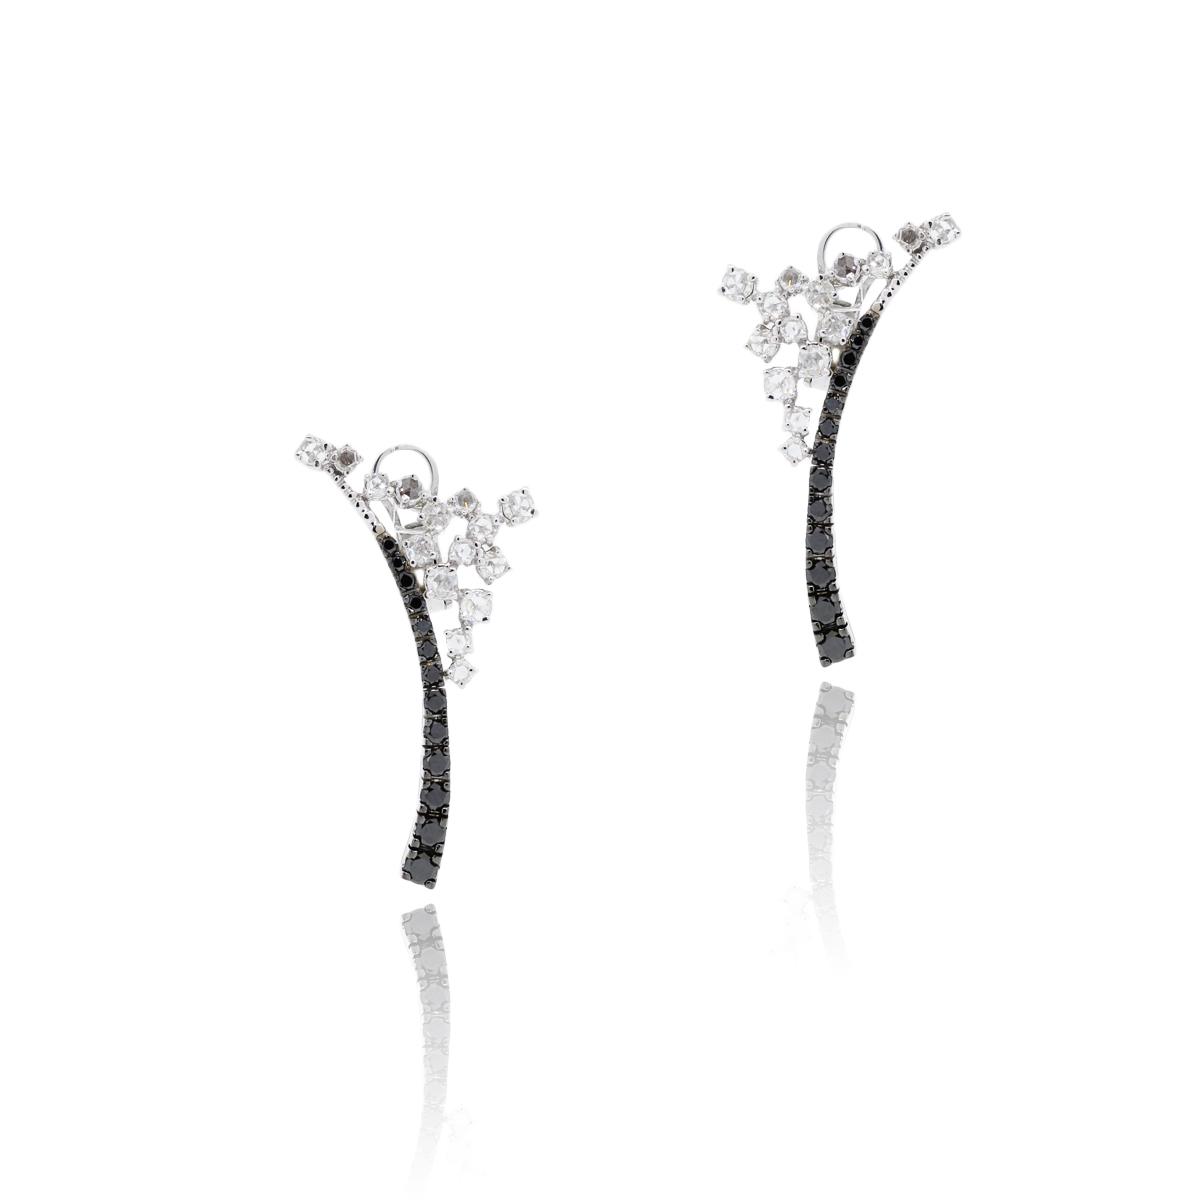 14k White Gold 2.57ctw Rose Cut White & Black Diamond Earrings